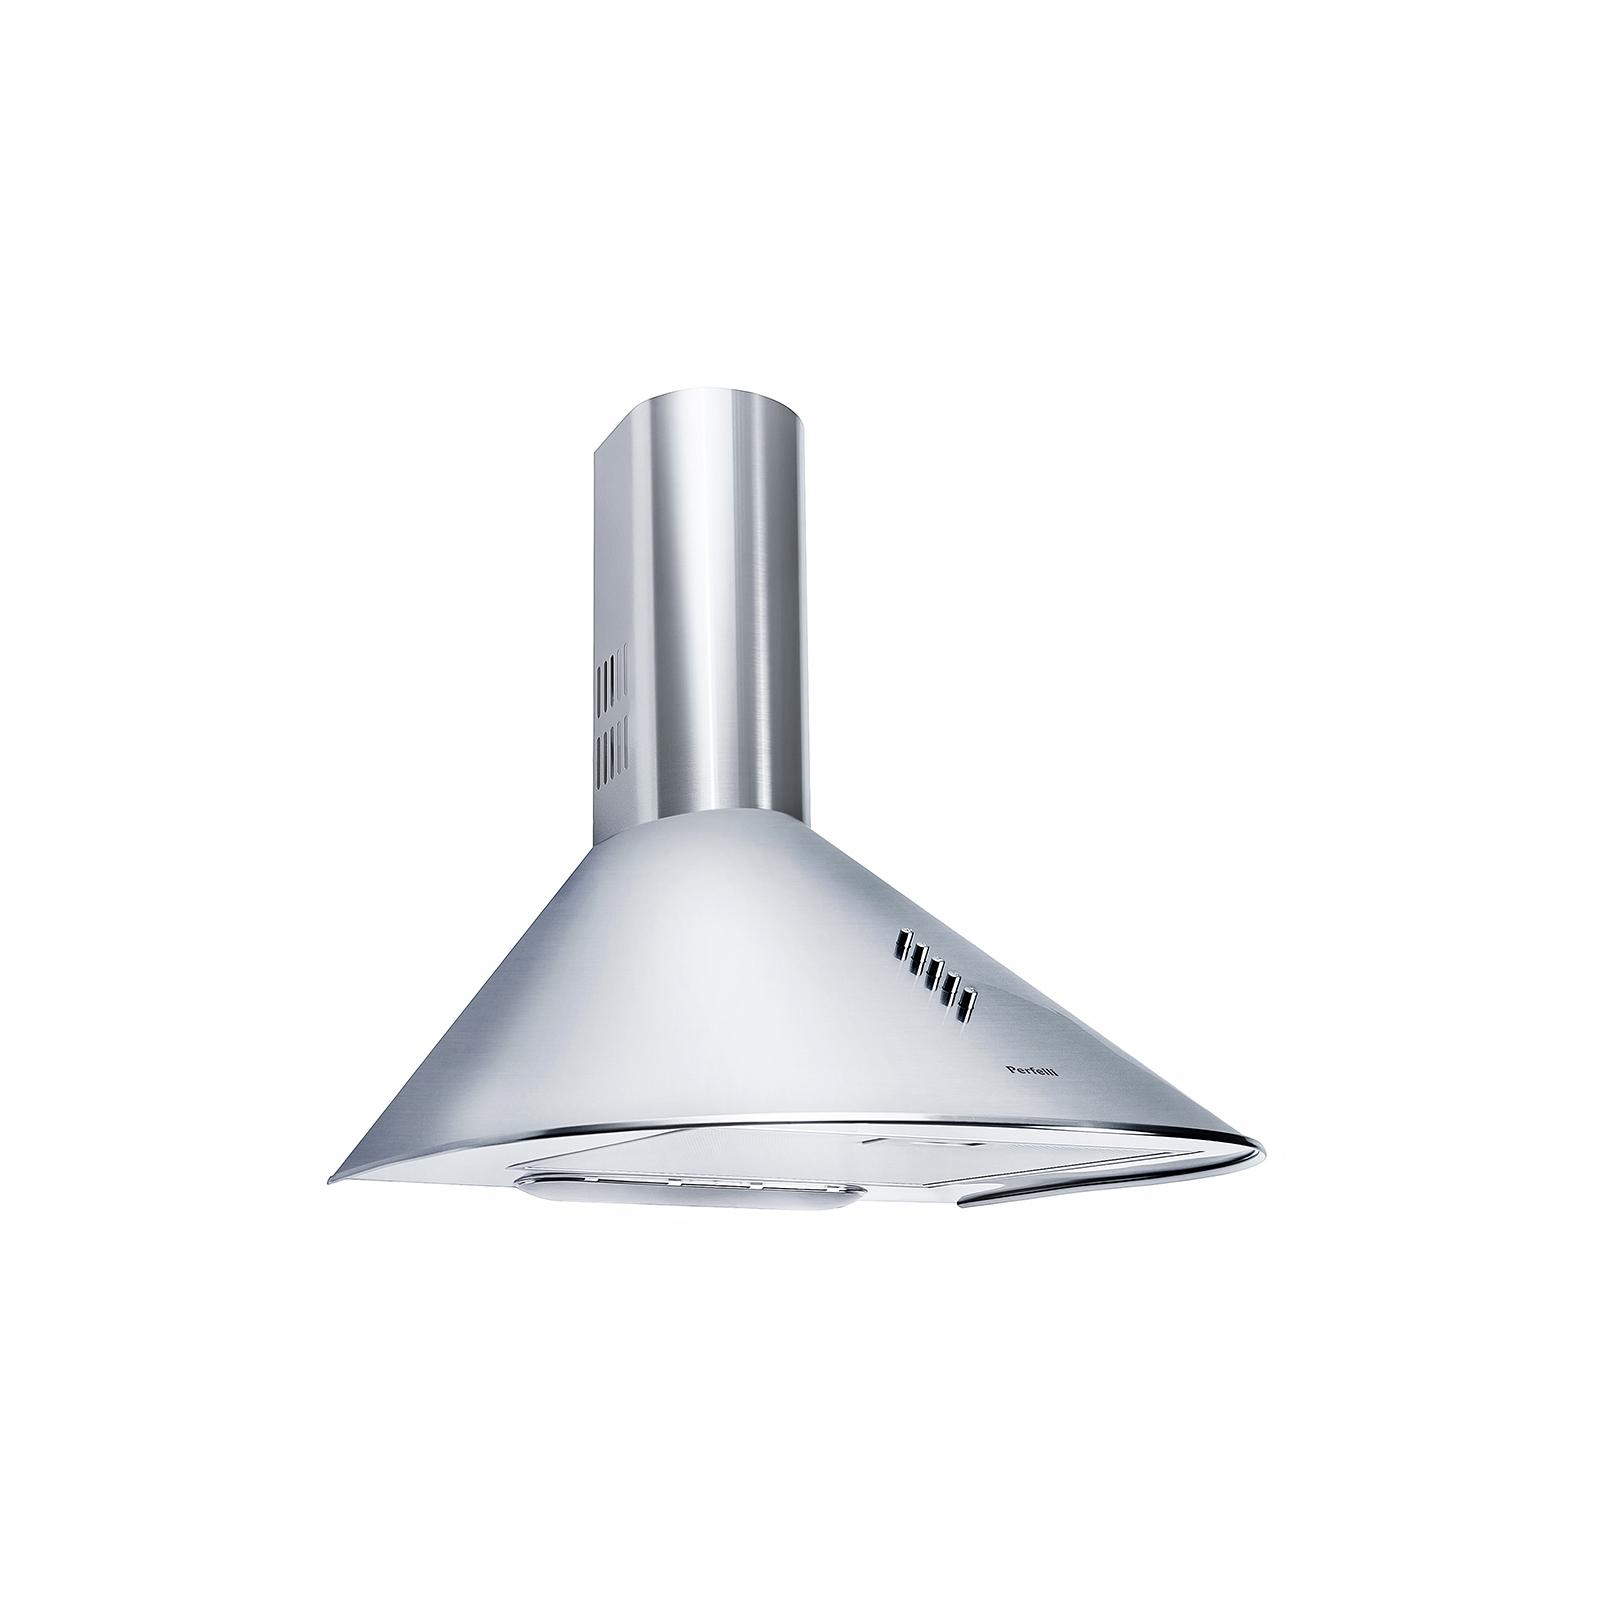 Вытяжка кухонная Perfelli KR 6410 IV